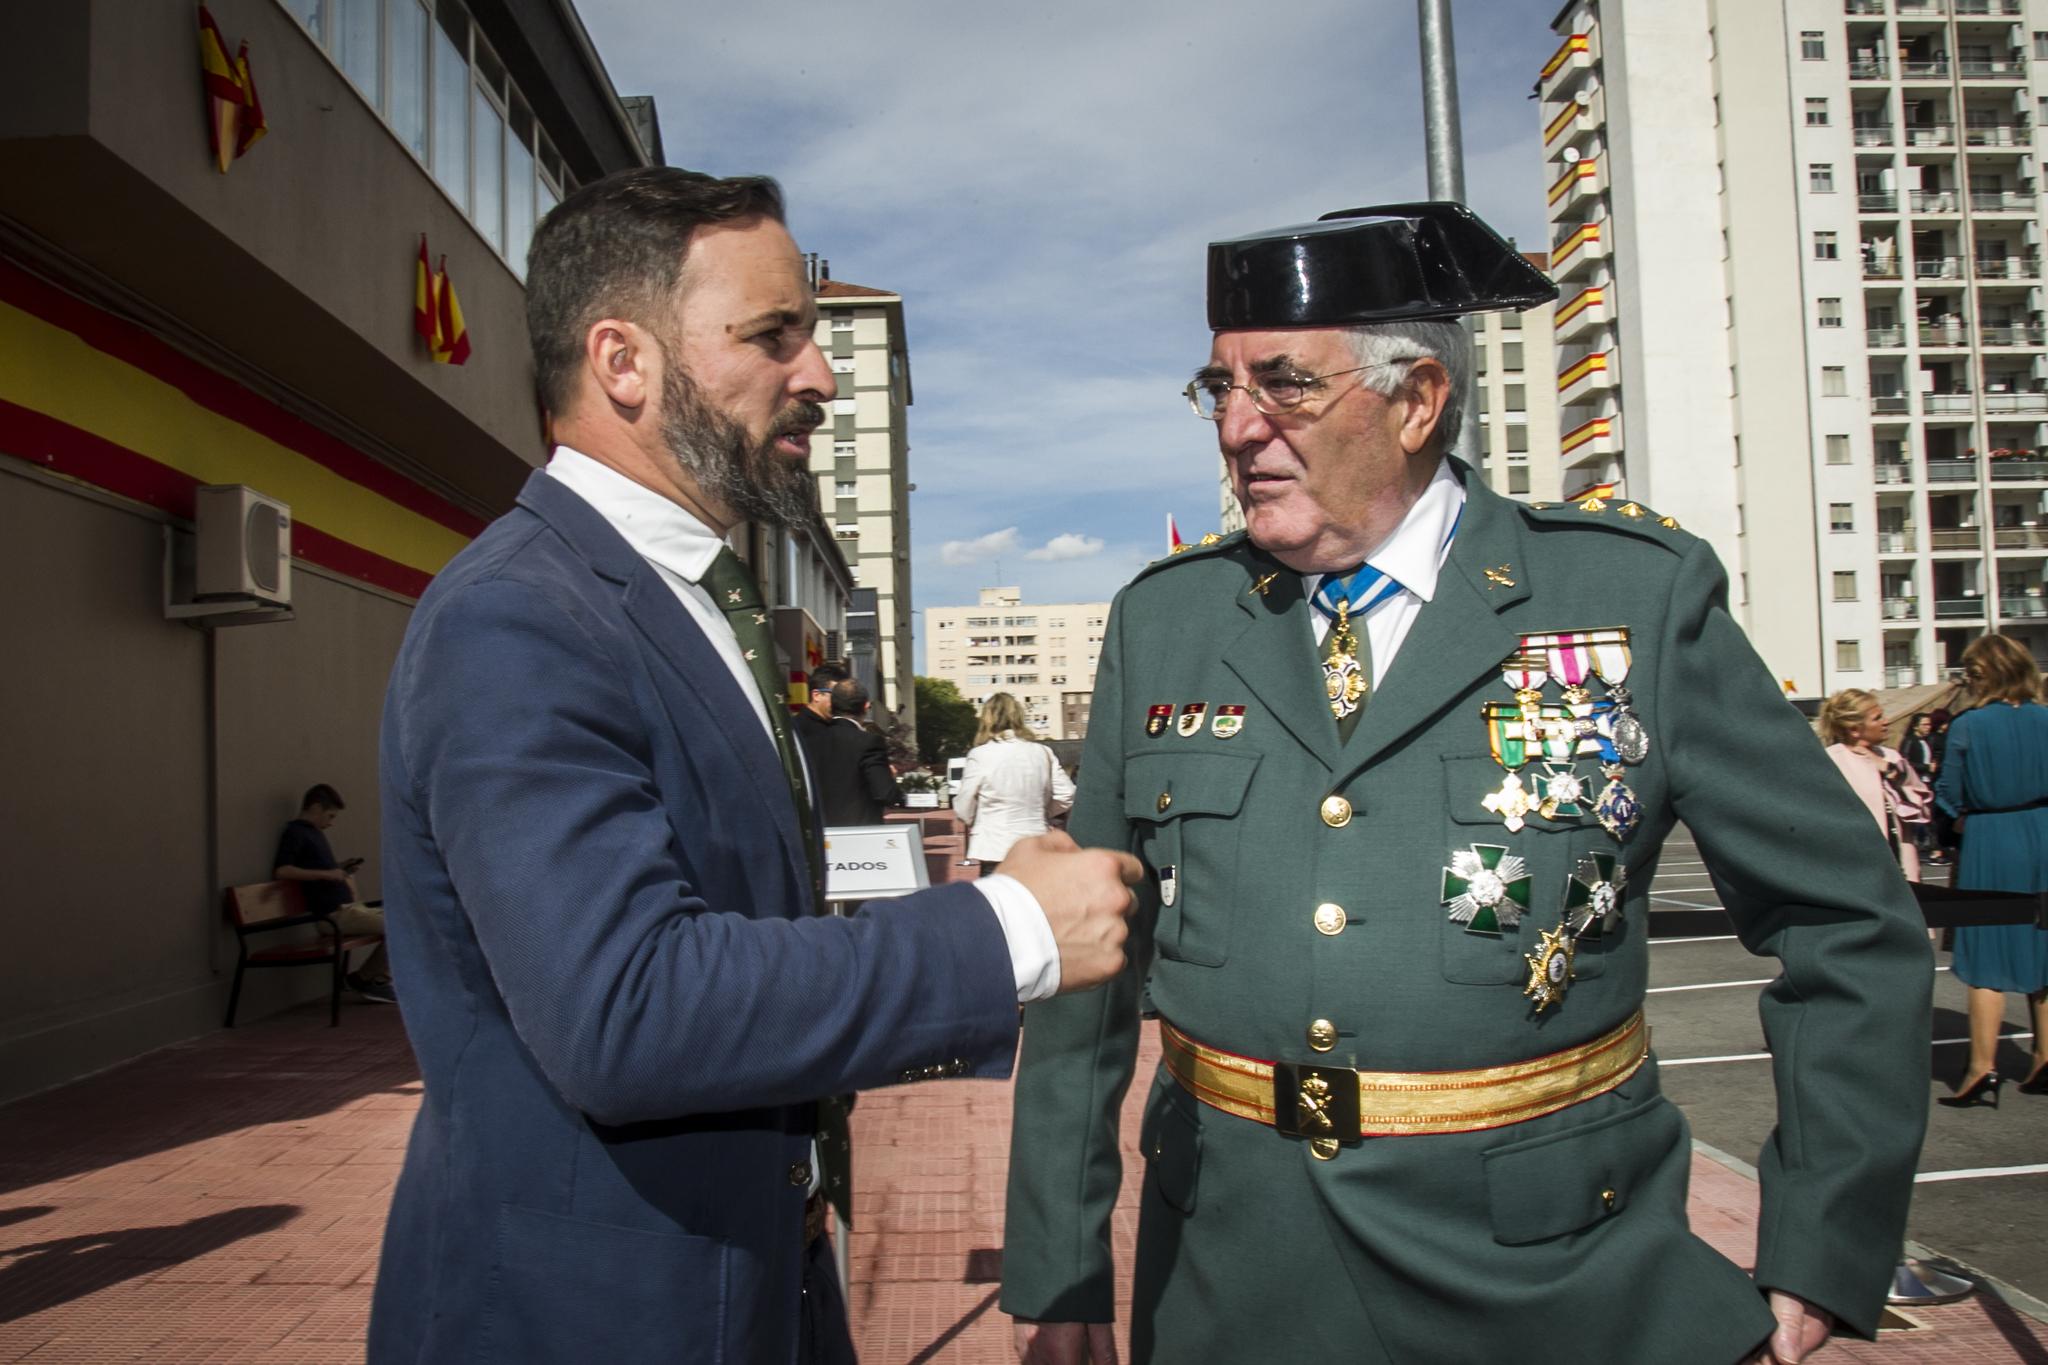 Abascal traslada desde un acto de la Guardia Civil su apoyo a quienes han abucheado a Pedro Sánchez